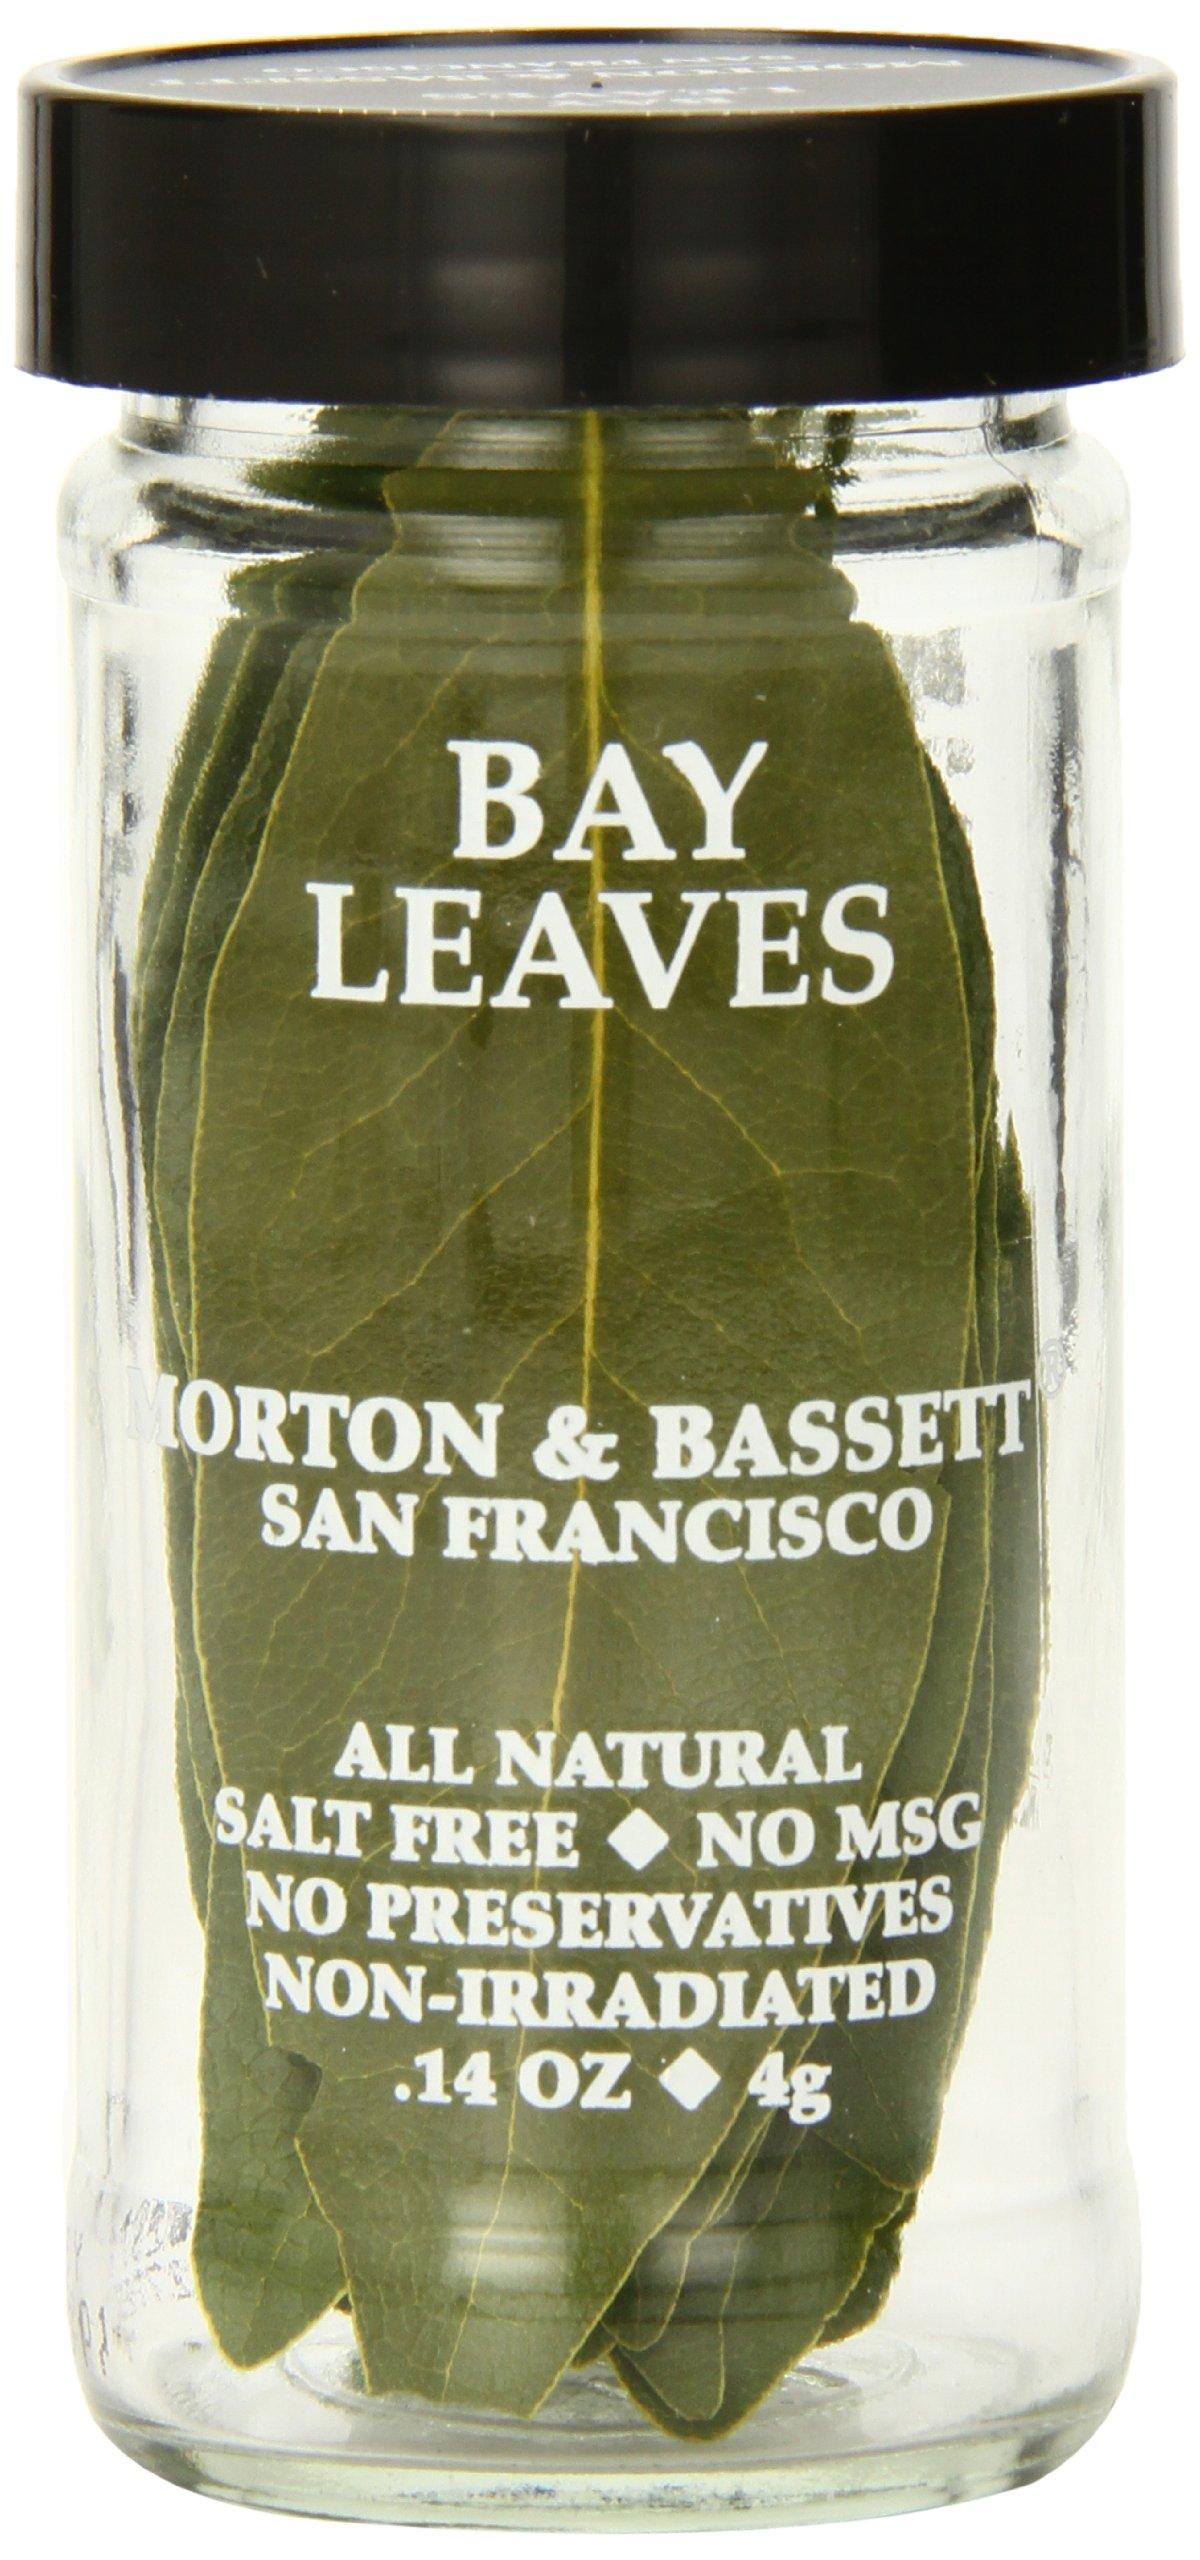 Morton & Bassett Bay Leaves.14-Ounce Jars (Pack of 3)